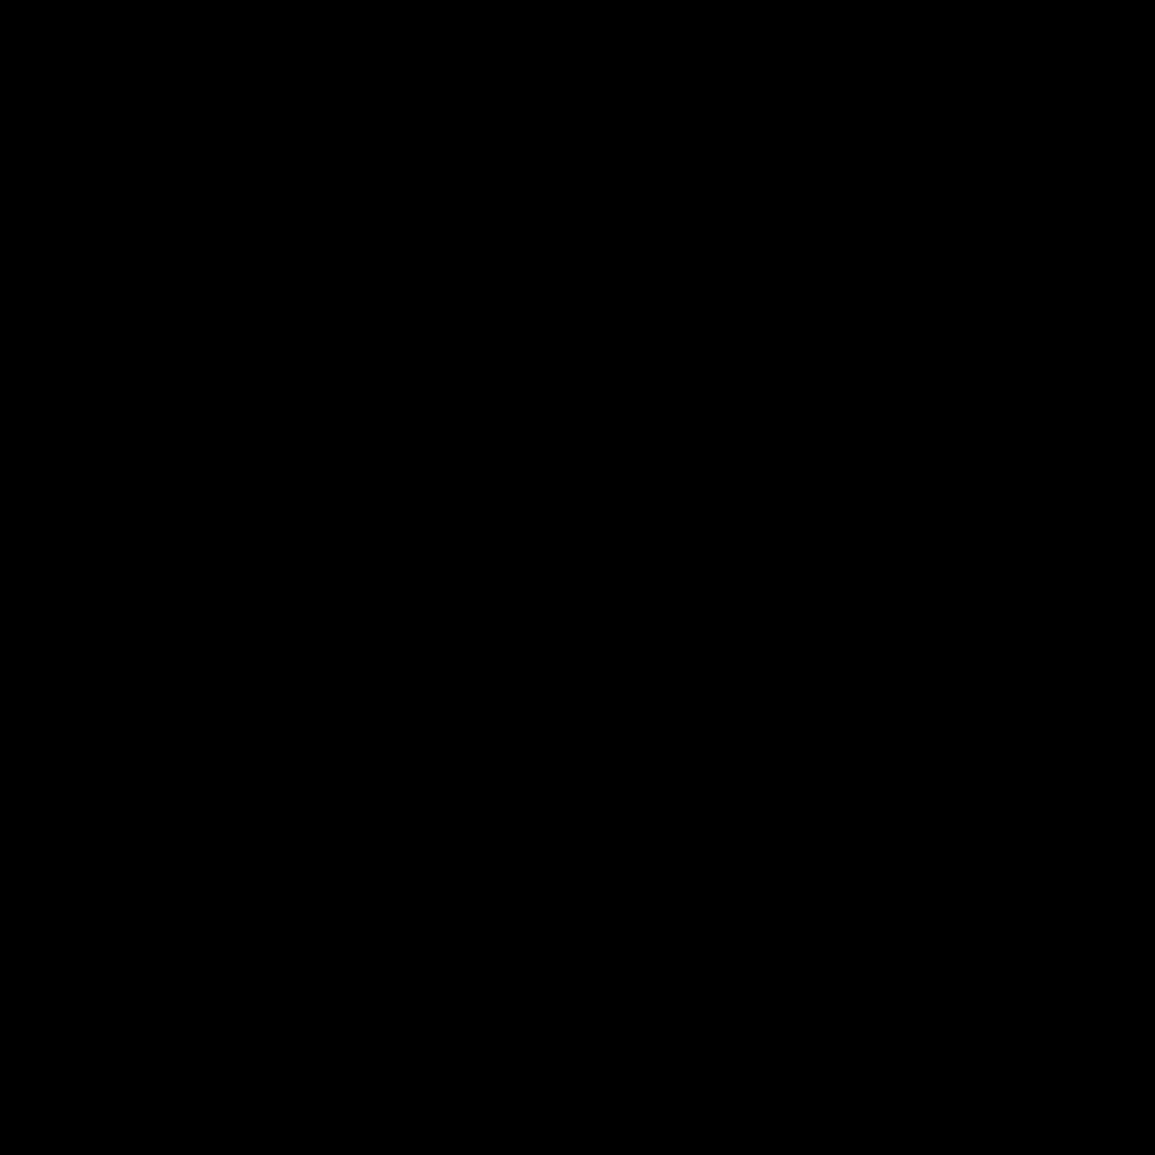 紅蘭特太楷書 EHNL 字形見本